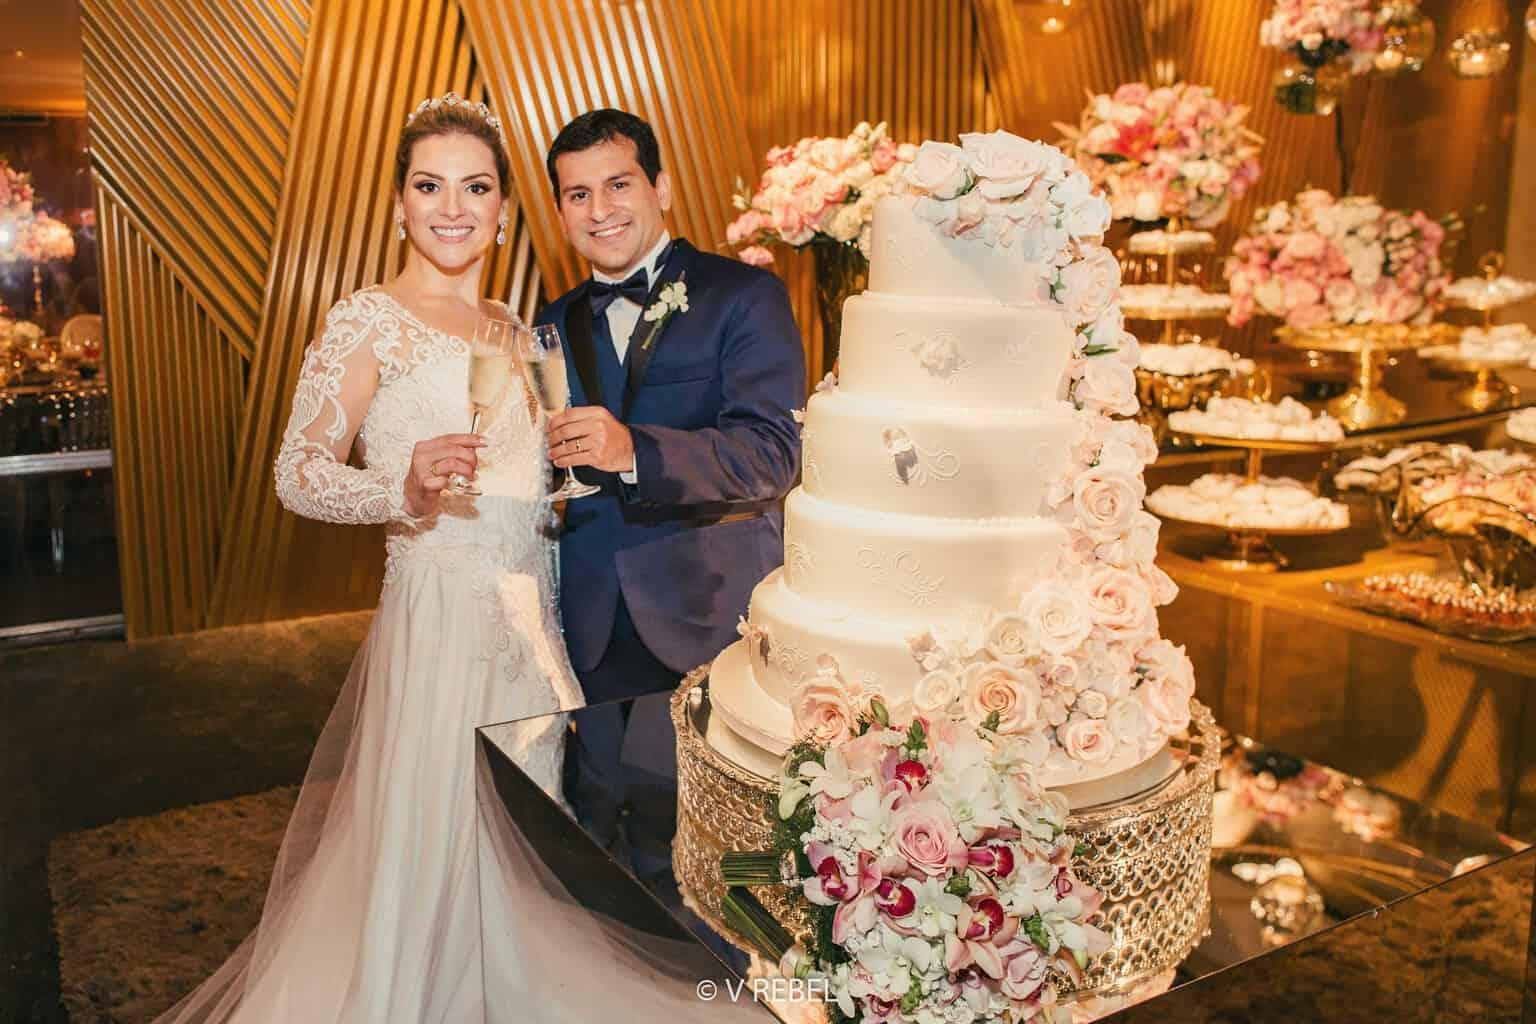 bolo-de-casamento-casamento-Caroline-e-Breno-casamento-clássico-foto-do-casal-fotografia-VRebel85